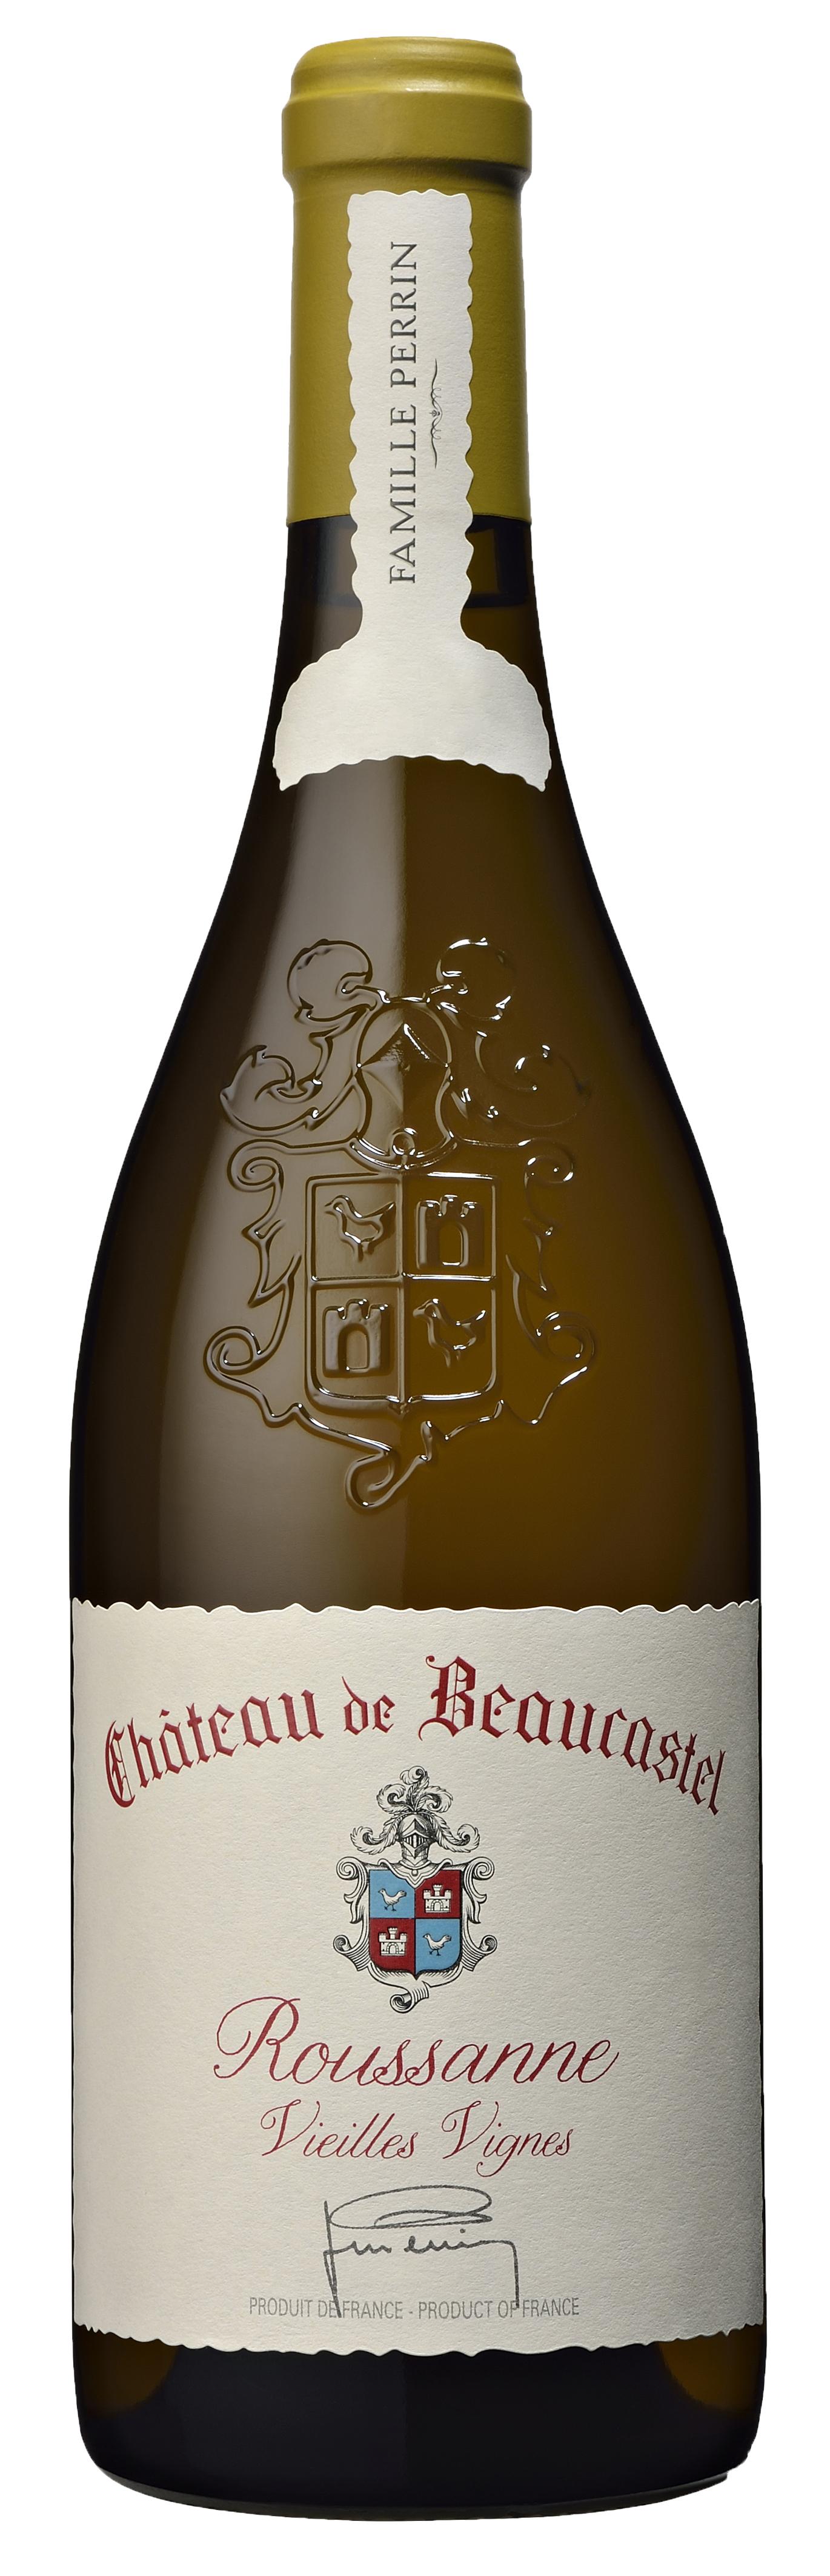 Château de Beaucastel, Roussanne Vieilles Vignes 2017